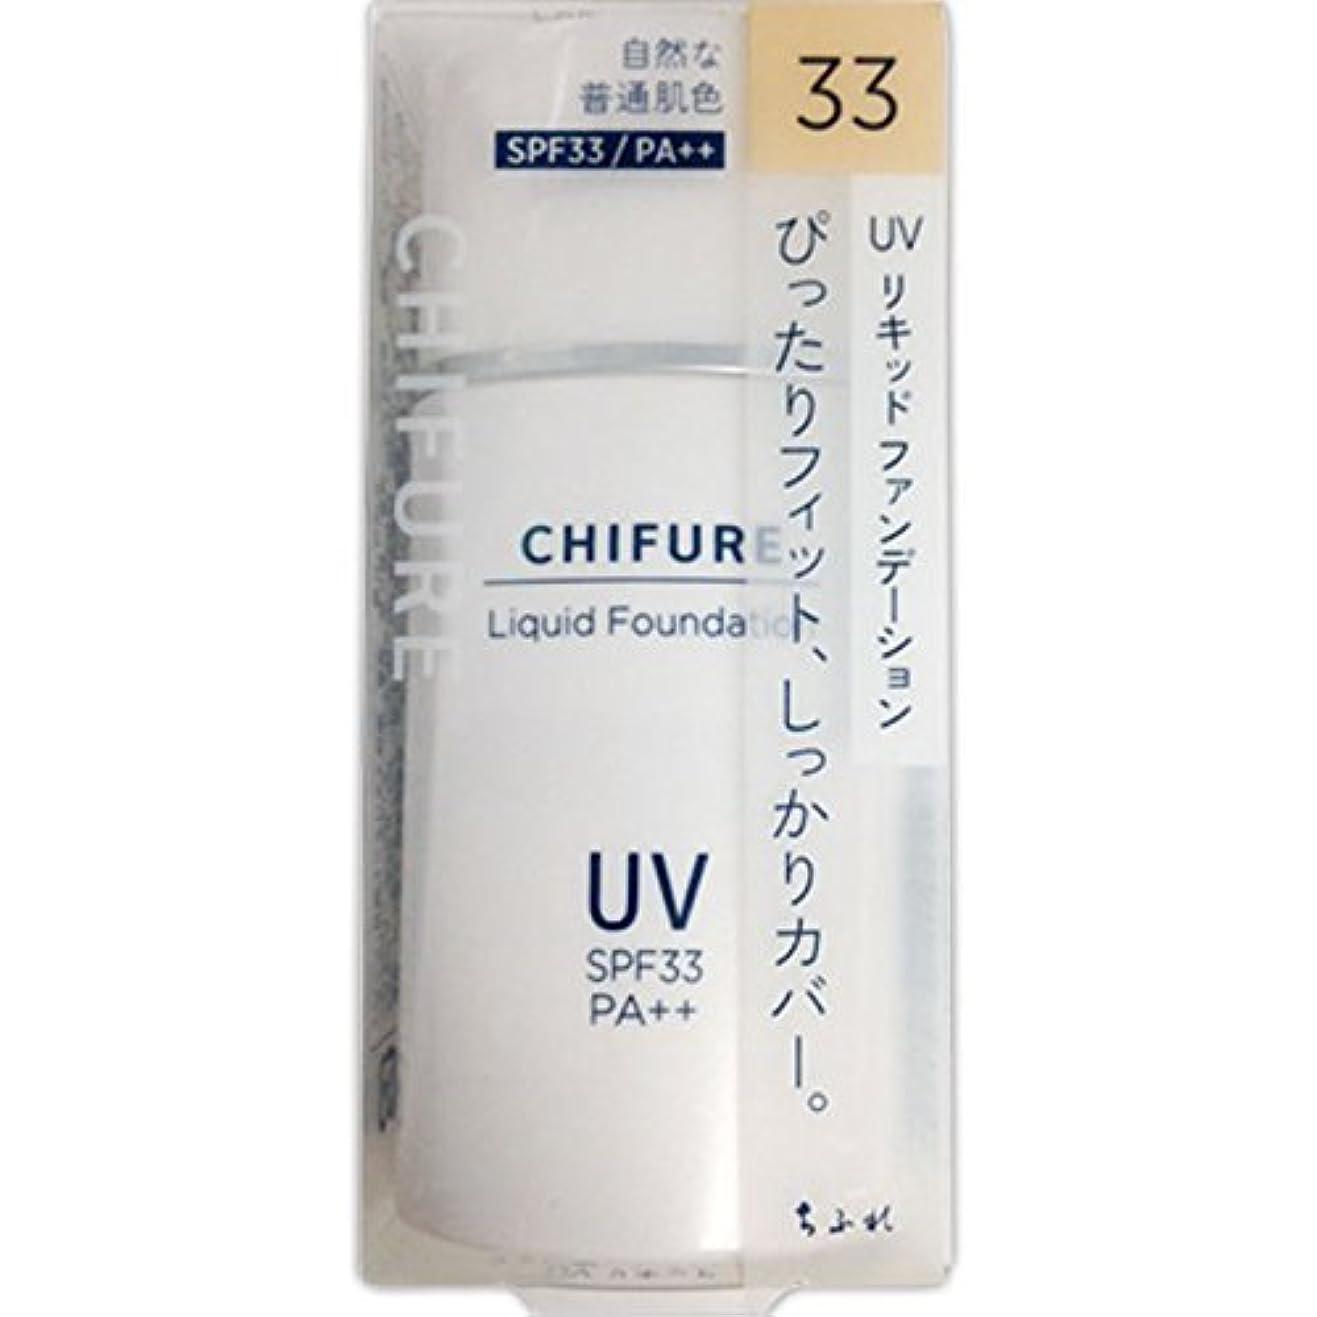 渇き没頭する異なるちふれ化粧品 UV リキッド ファンデーション 33 自然な普通肌色 30ML